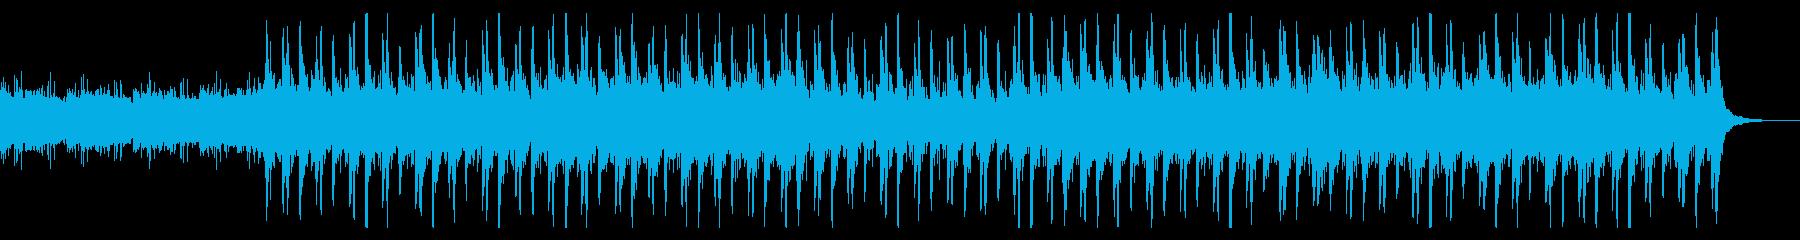 ケルト・バグパイプ・勇壮な行進・Epicの再生済みの波形